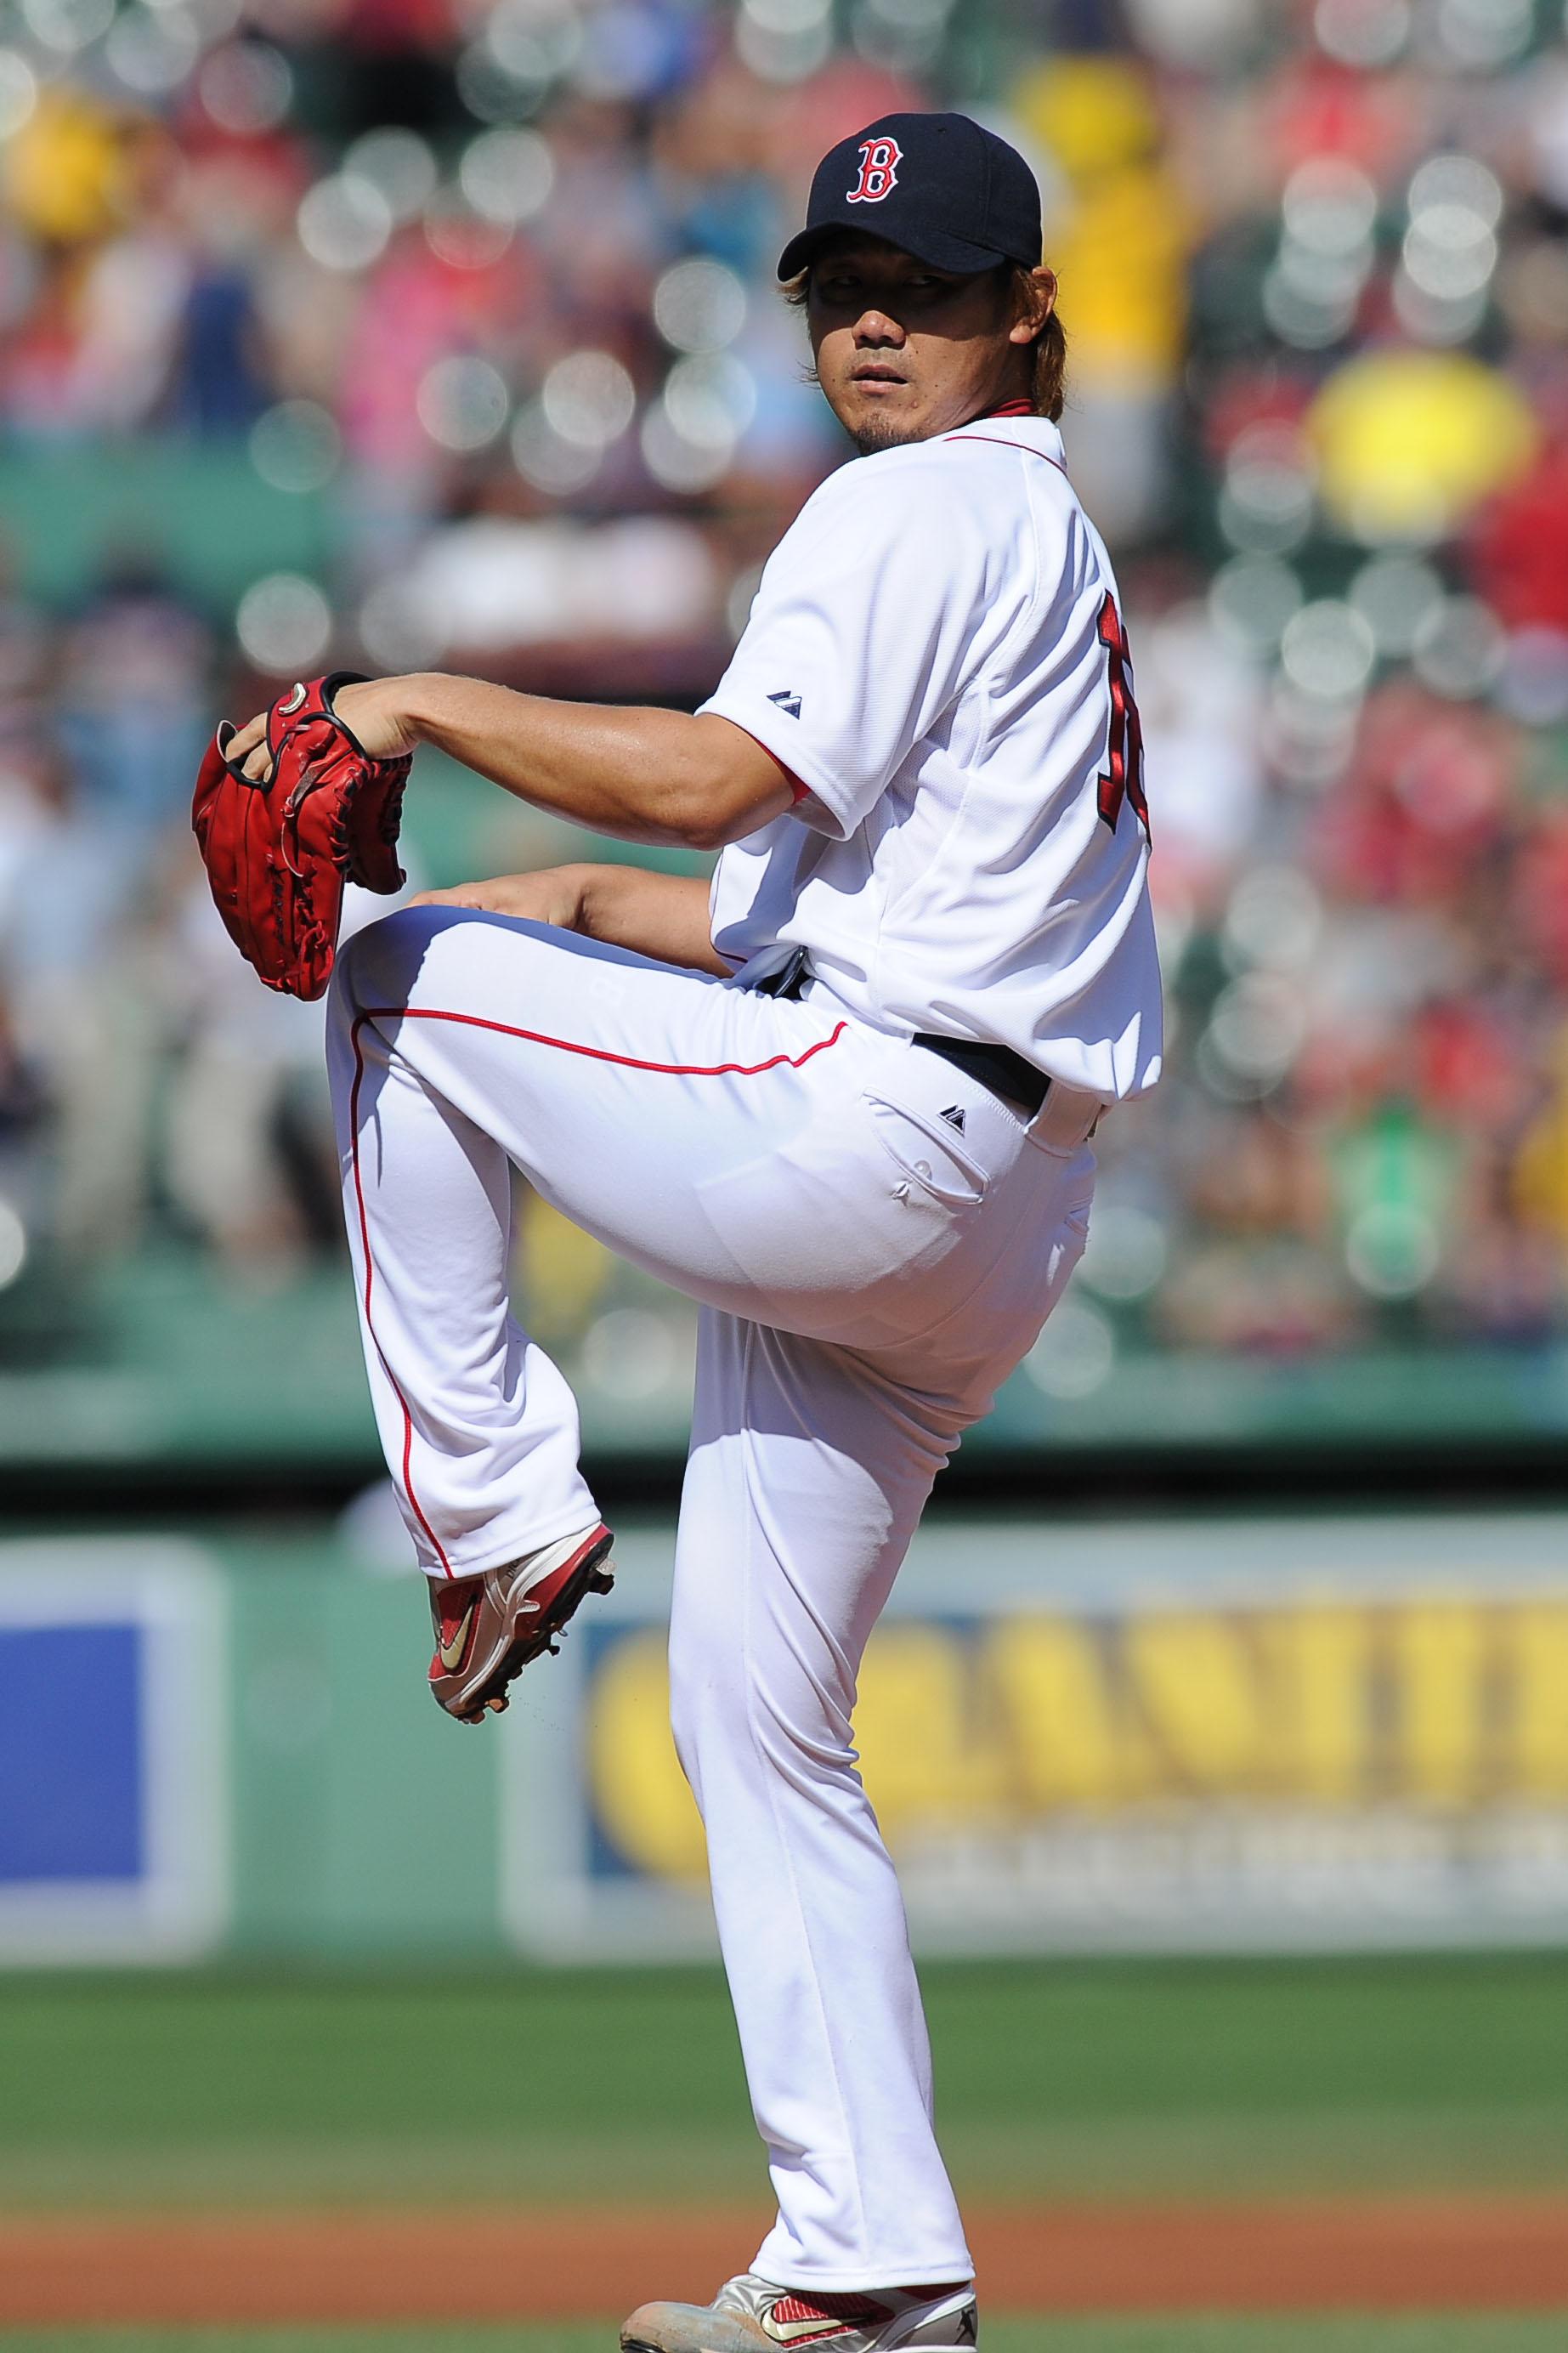 Things I would rather do than watch Daisuke Matsuzaka pitch ...